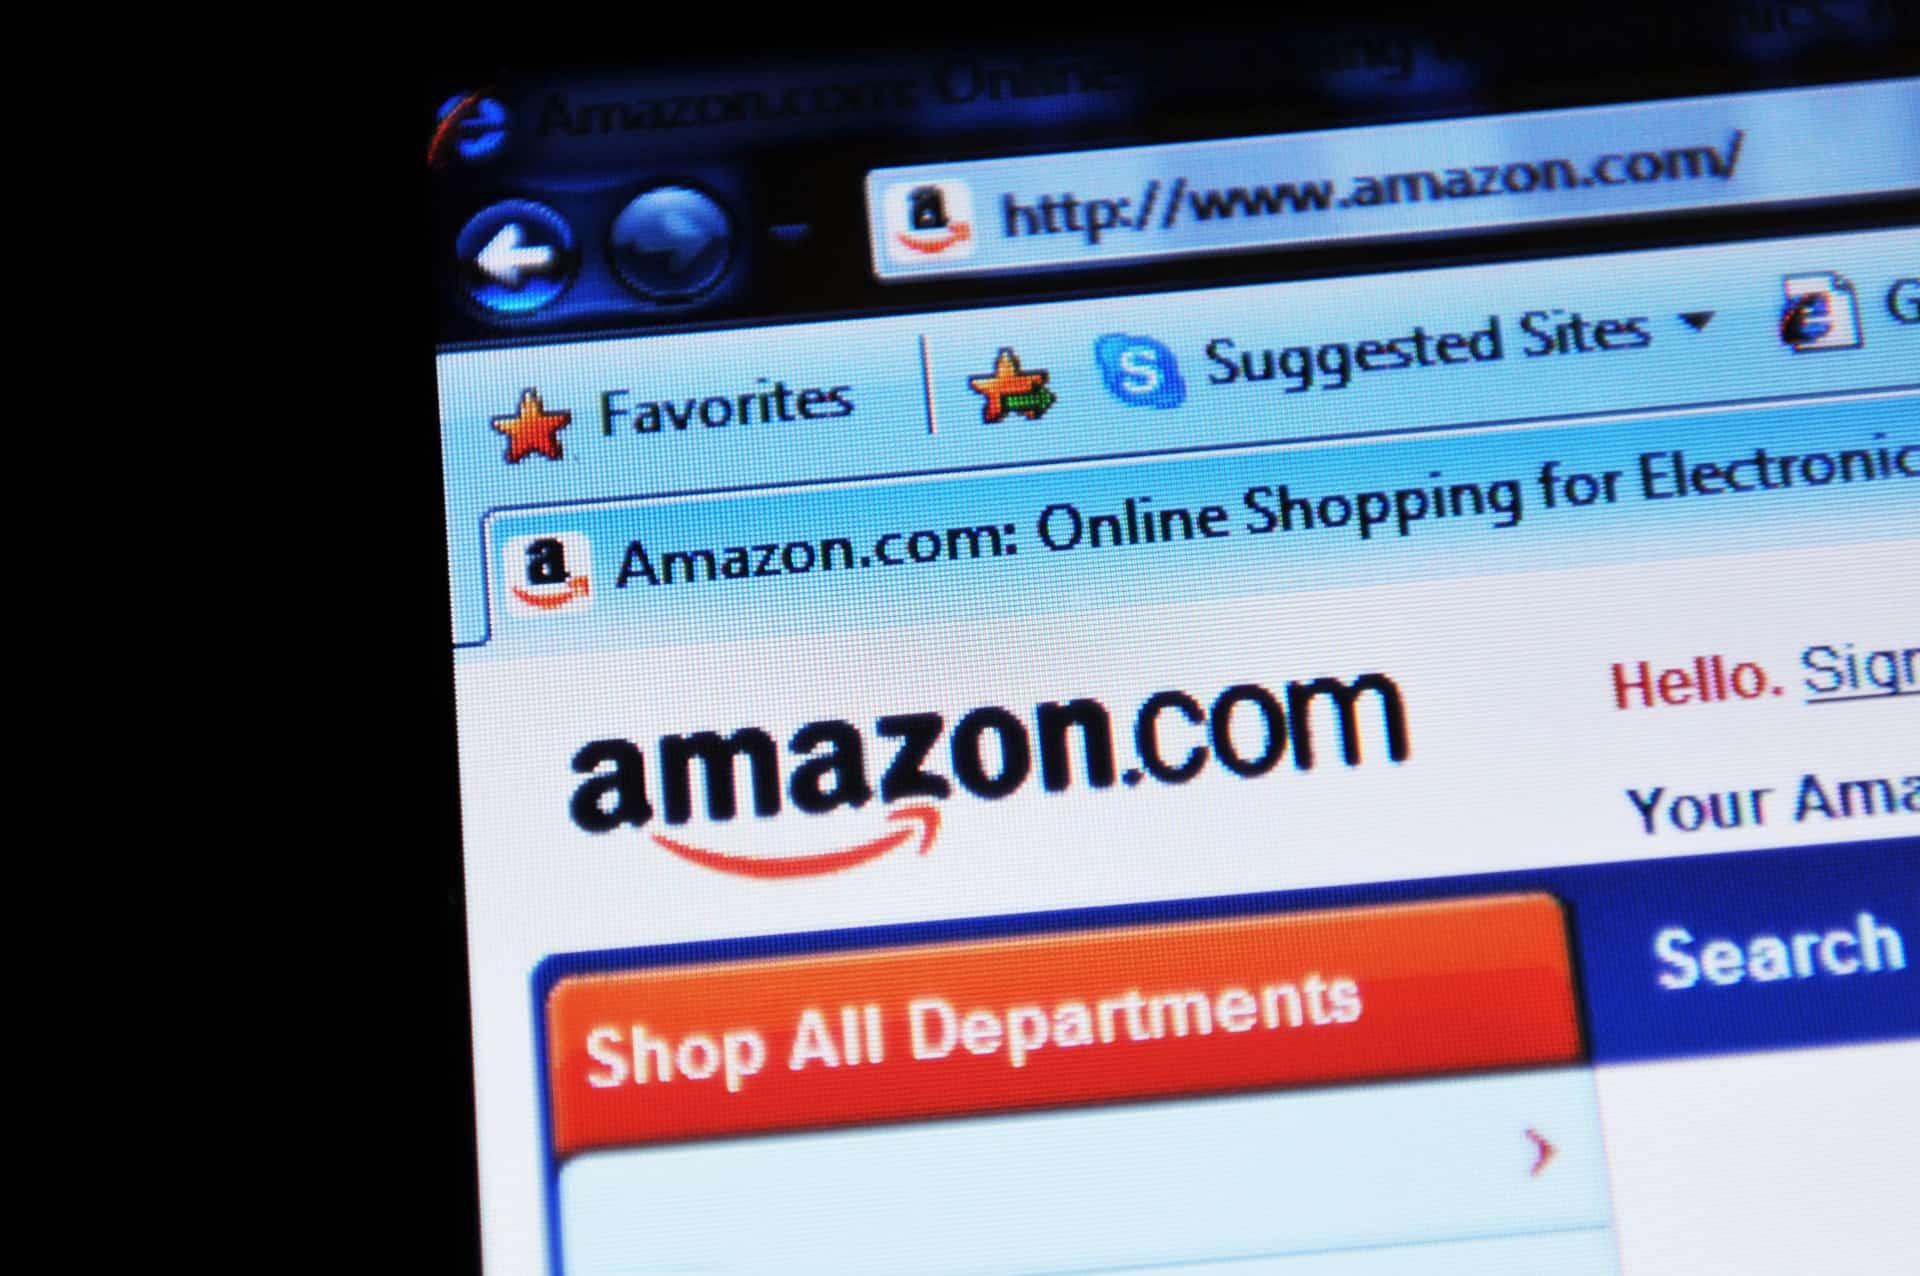 product descriptions for Amazon